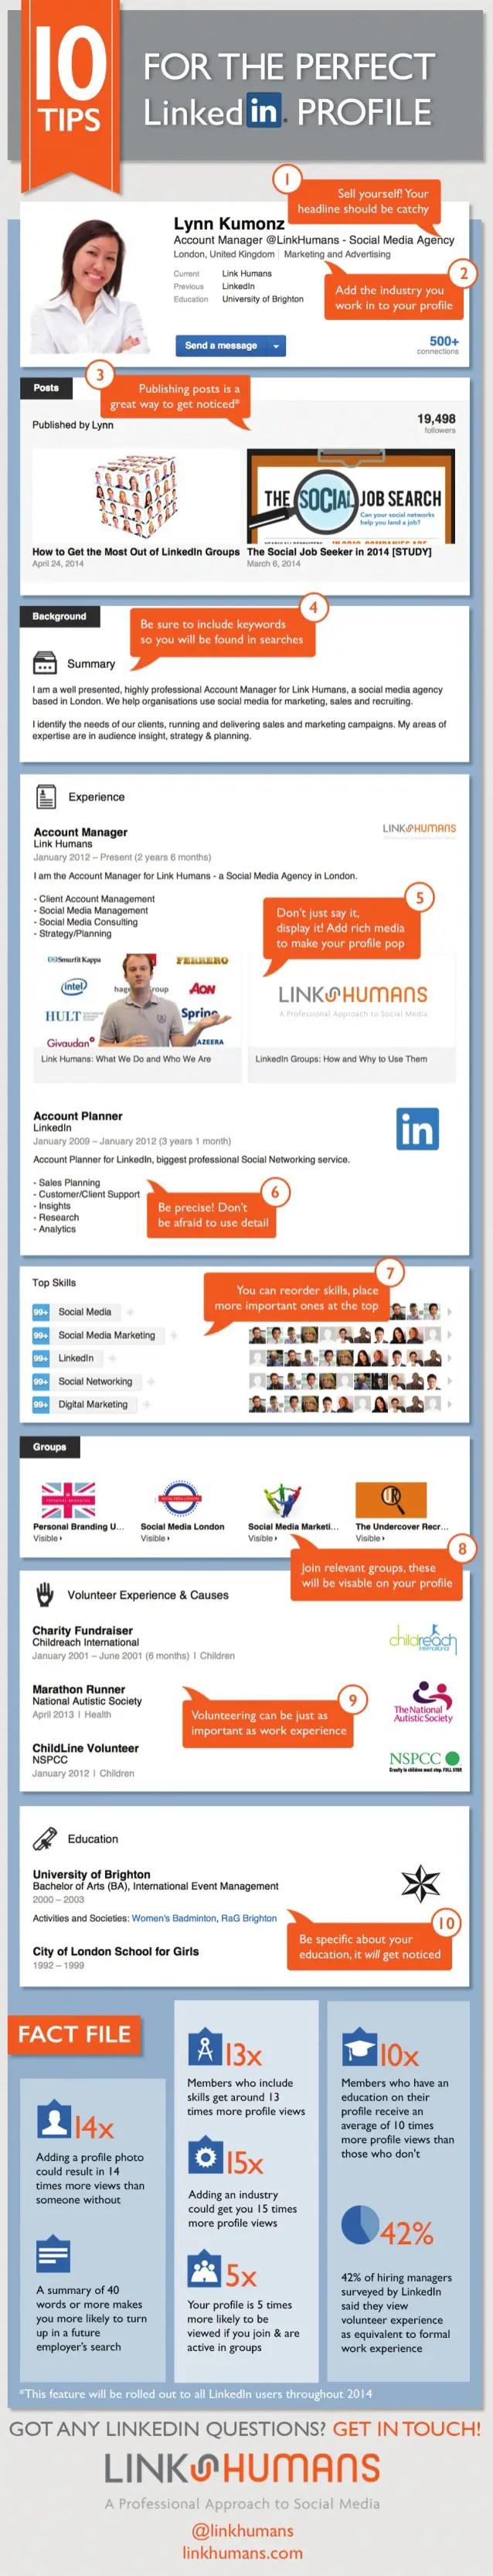 wersm_linkHumans_linkedin_profile_tips